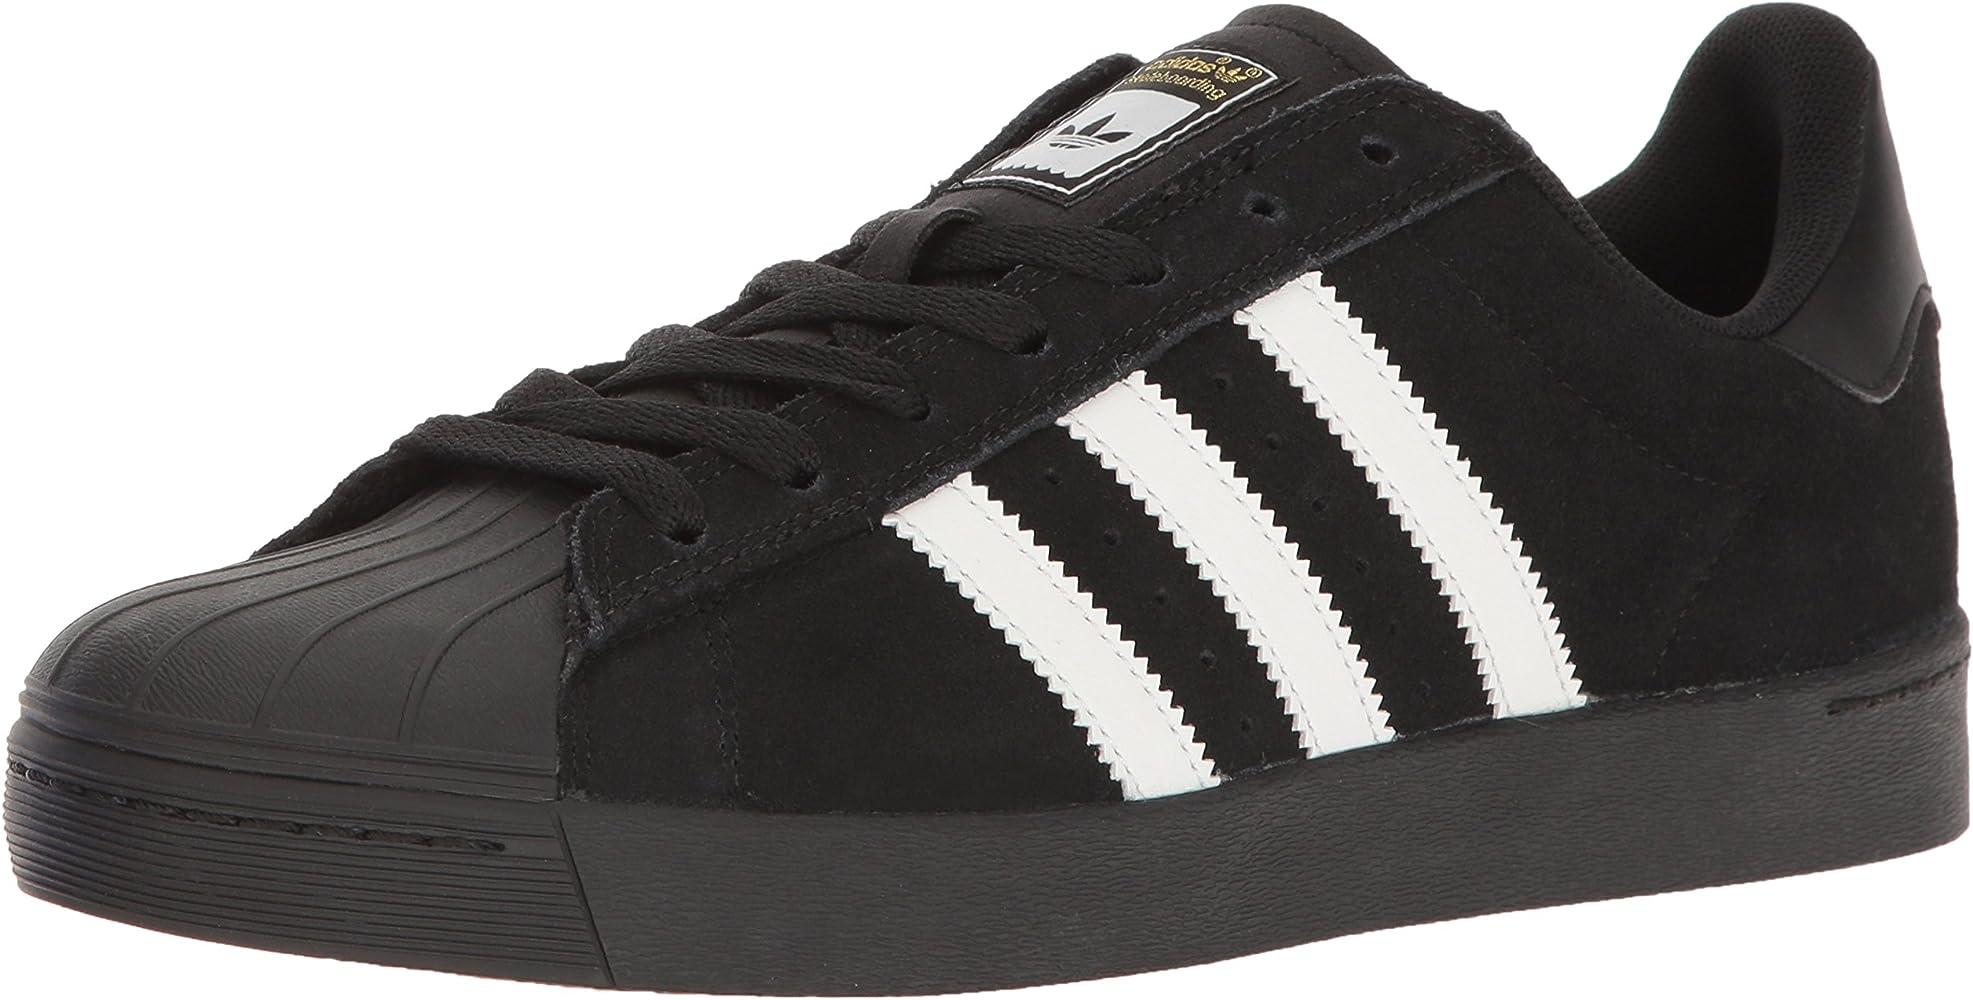 Cheap Adidas Superstar Vulc ADV Black Originals Mens Shoes